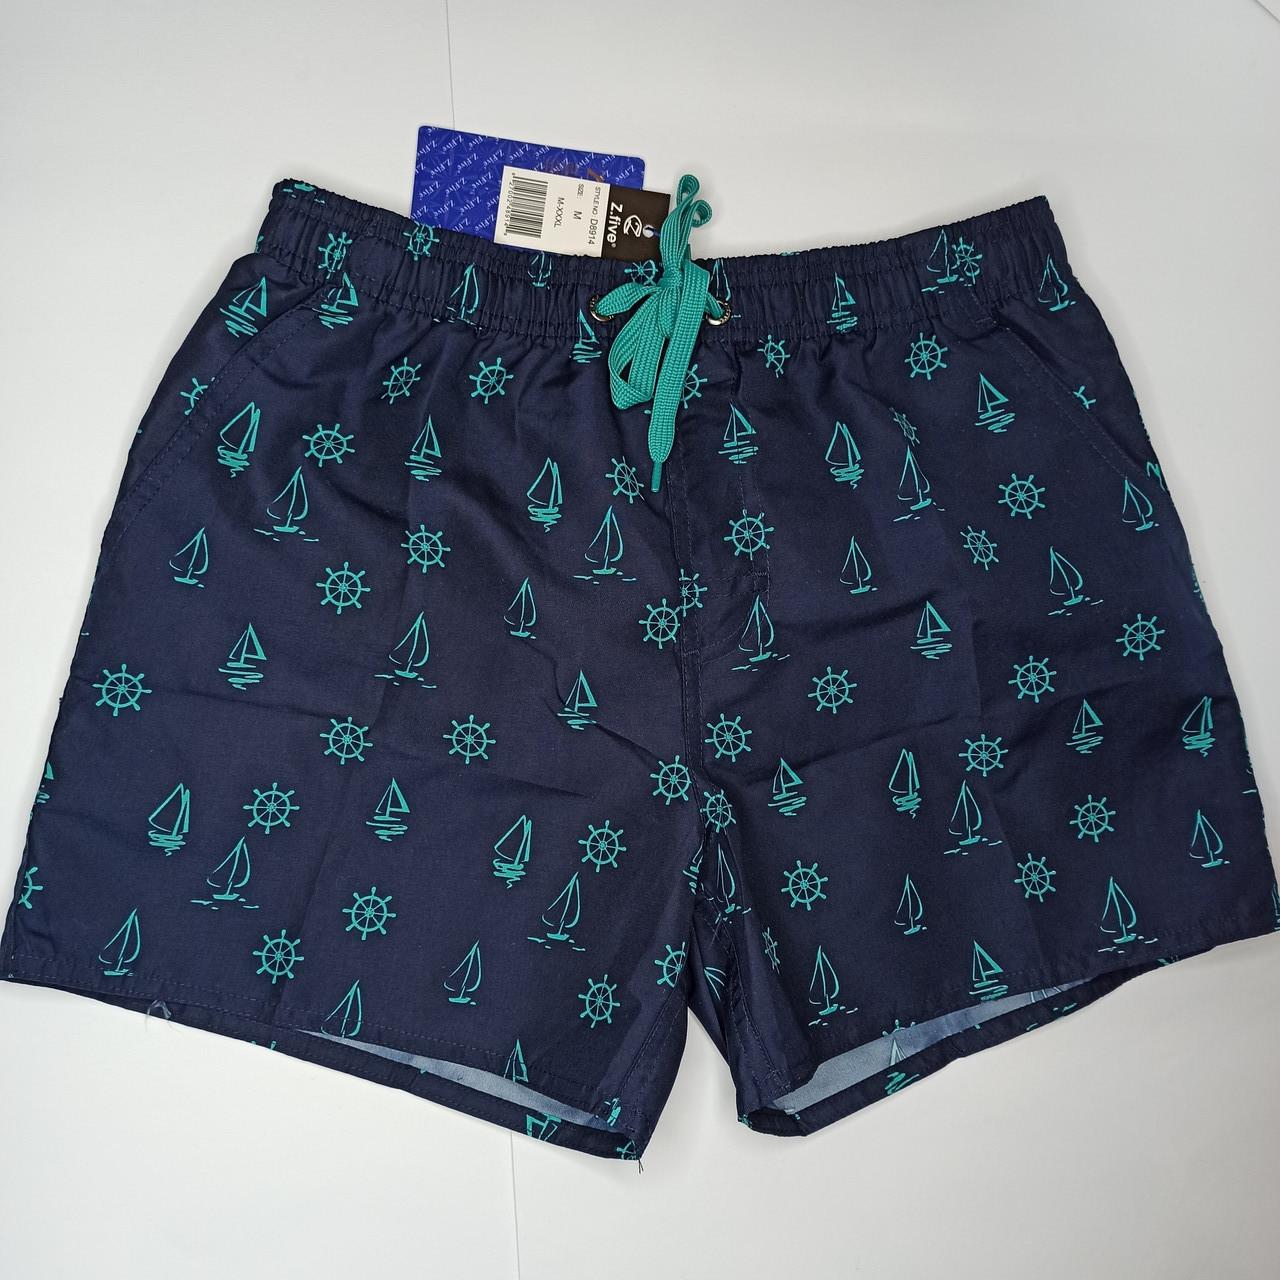 Мужские короткие шорты Z.Five 8914 бирюзовые 44 46 48 50 52 размер